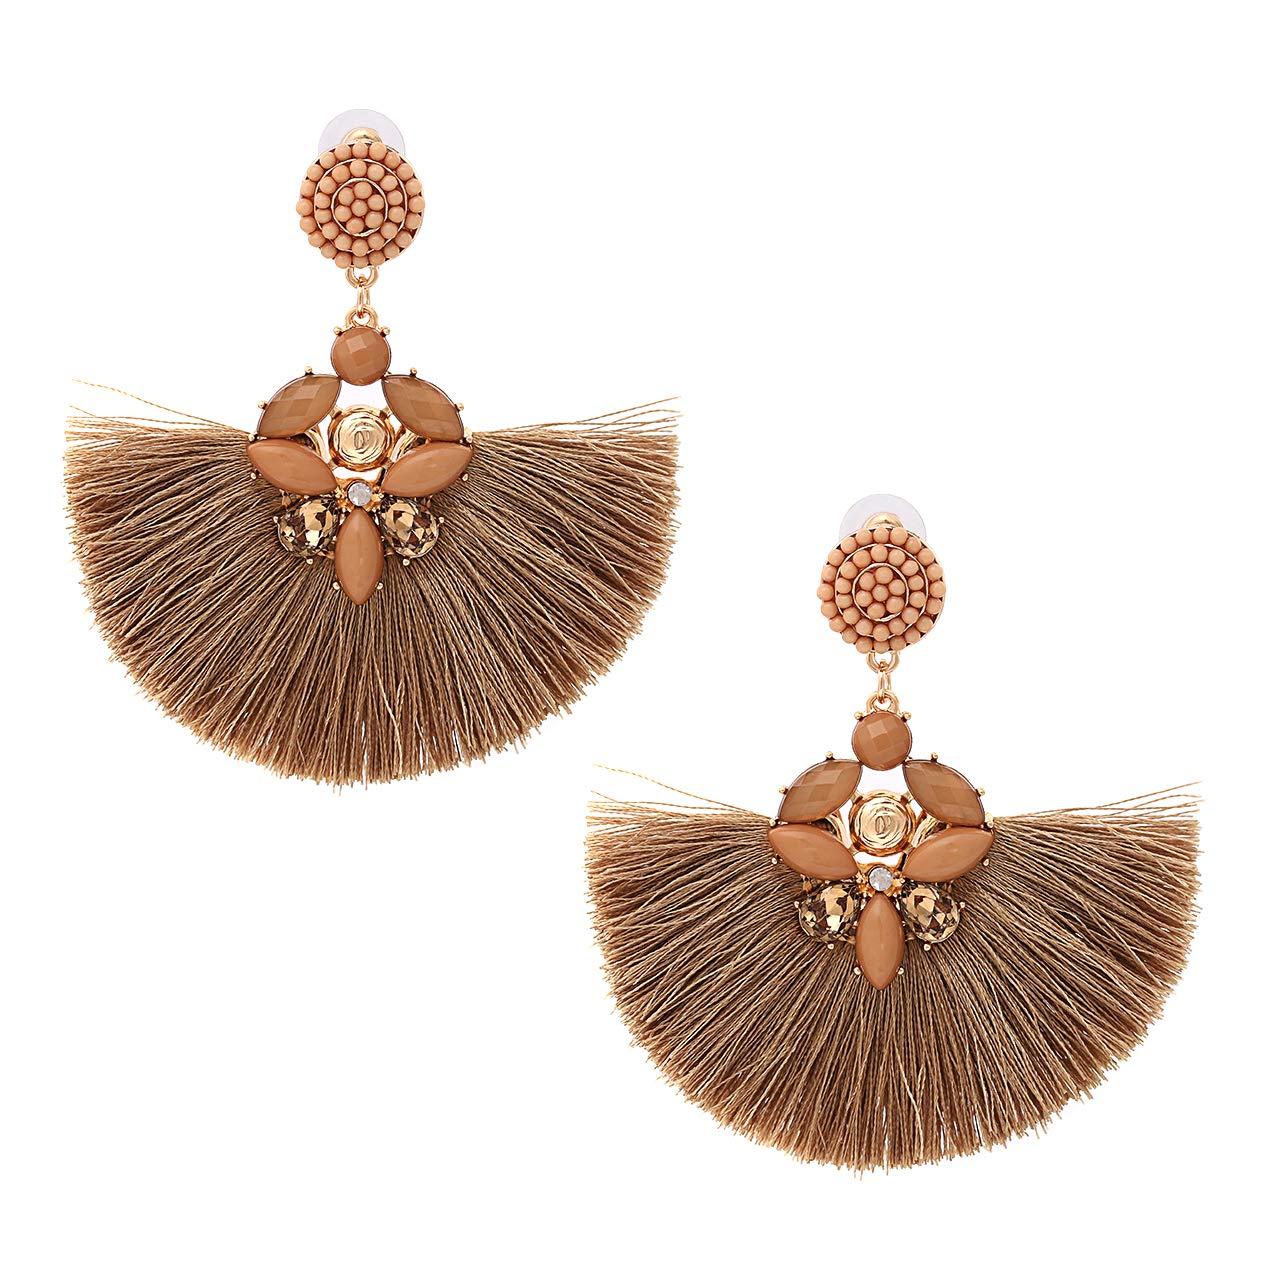 5284367dd Amazon.com: ELEARD Fan Tassel Earrings Crystal Beaded Fringe Dangle Earrings  Seed Beaded Stud Statement Drop Earrings (Brown): Jewelry